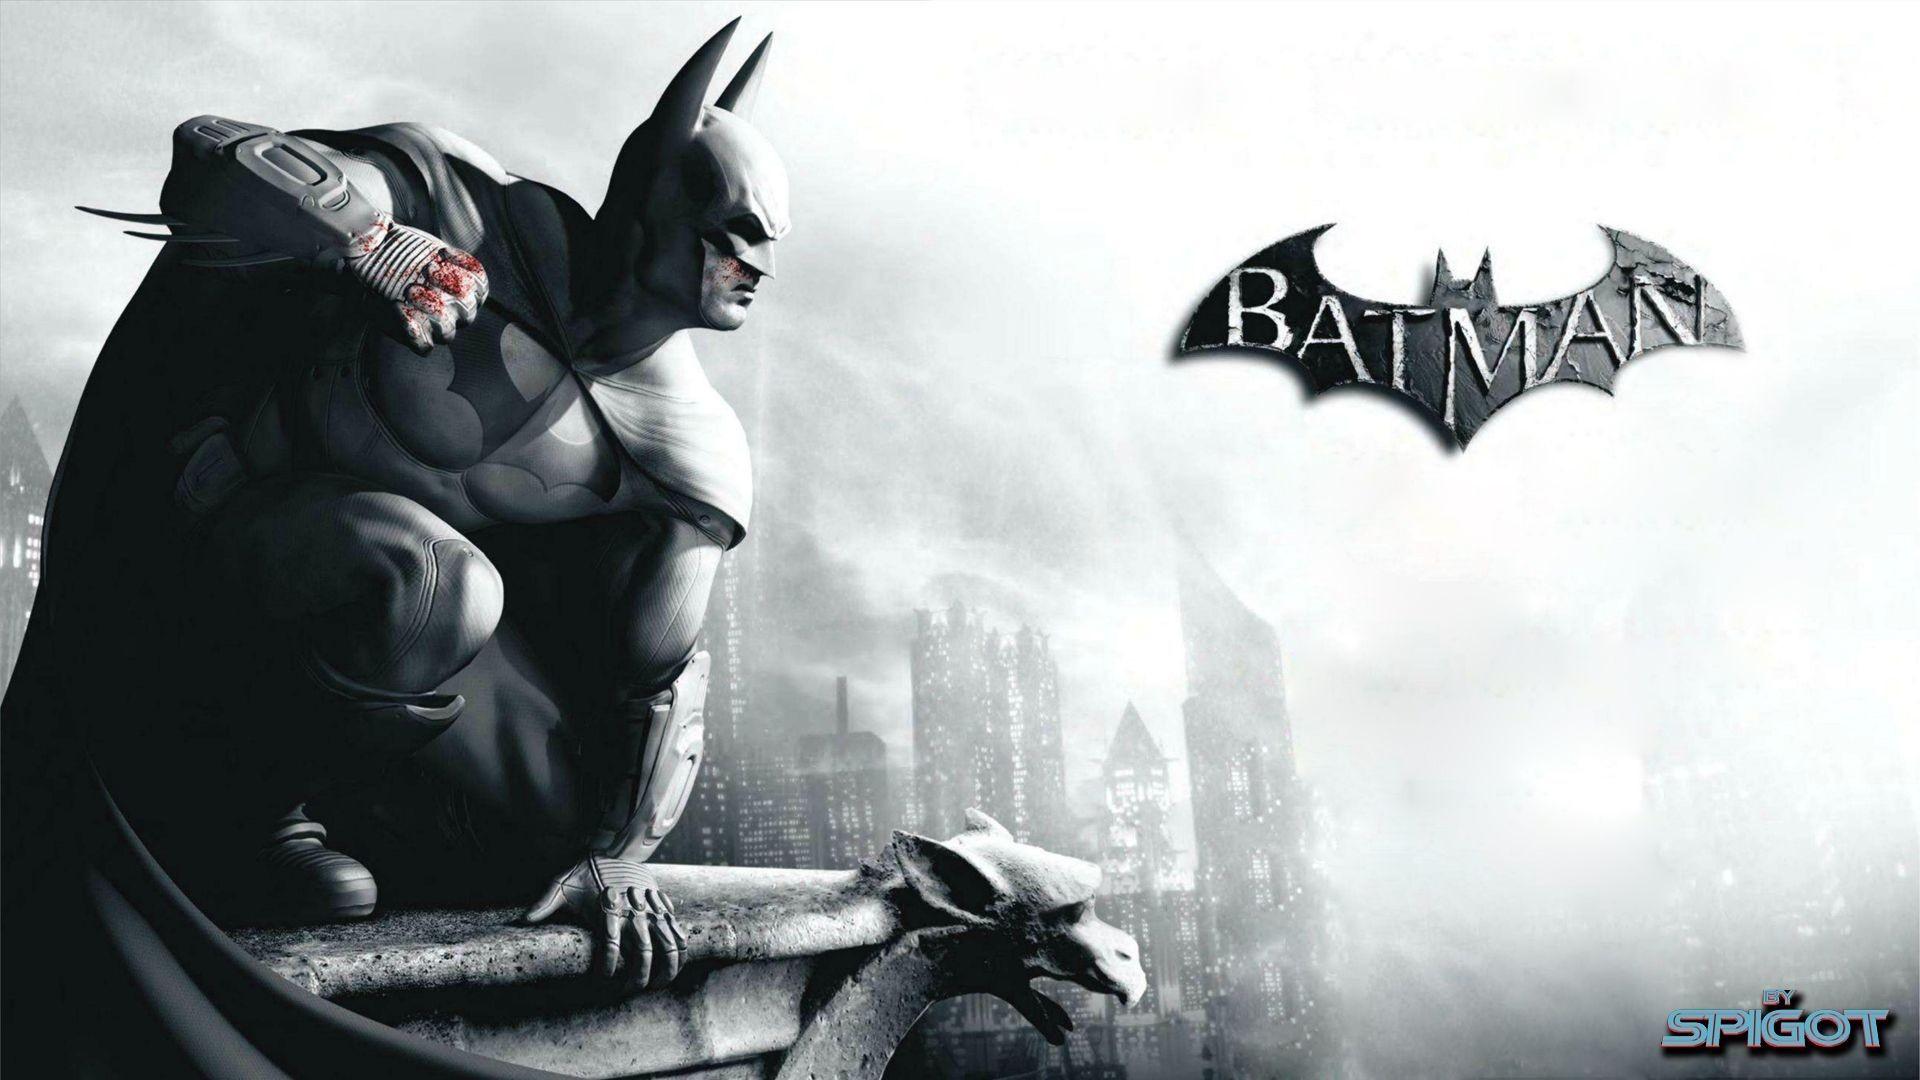 Batman Arkham City Wallpapers HD – Wallpaper Cave